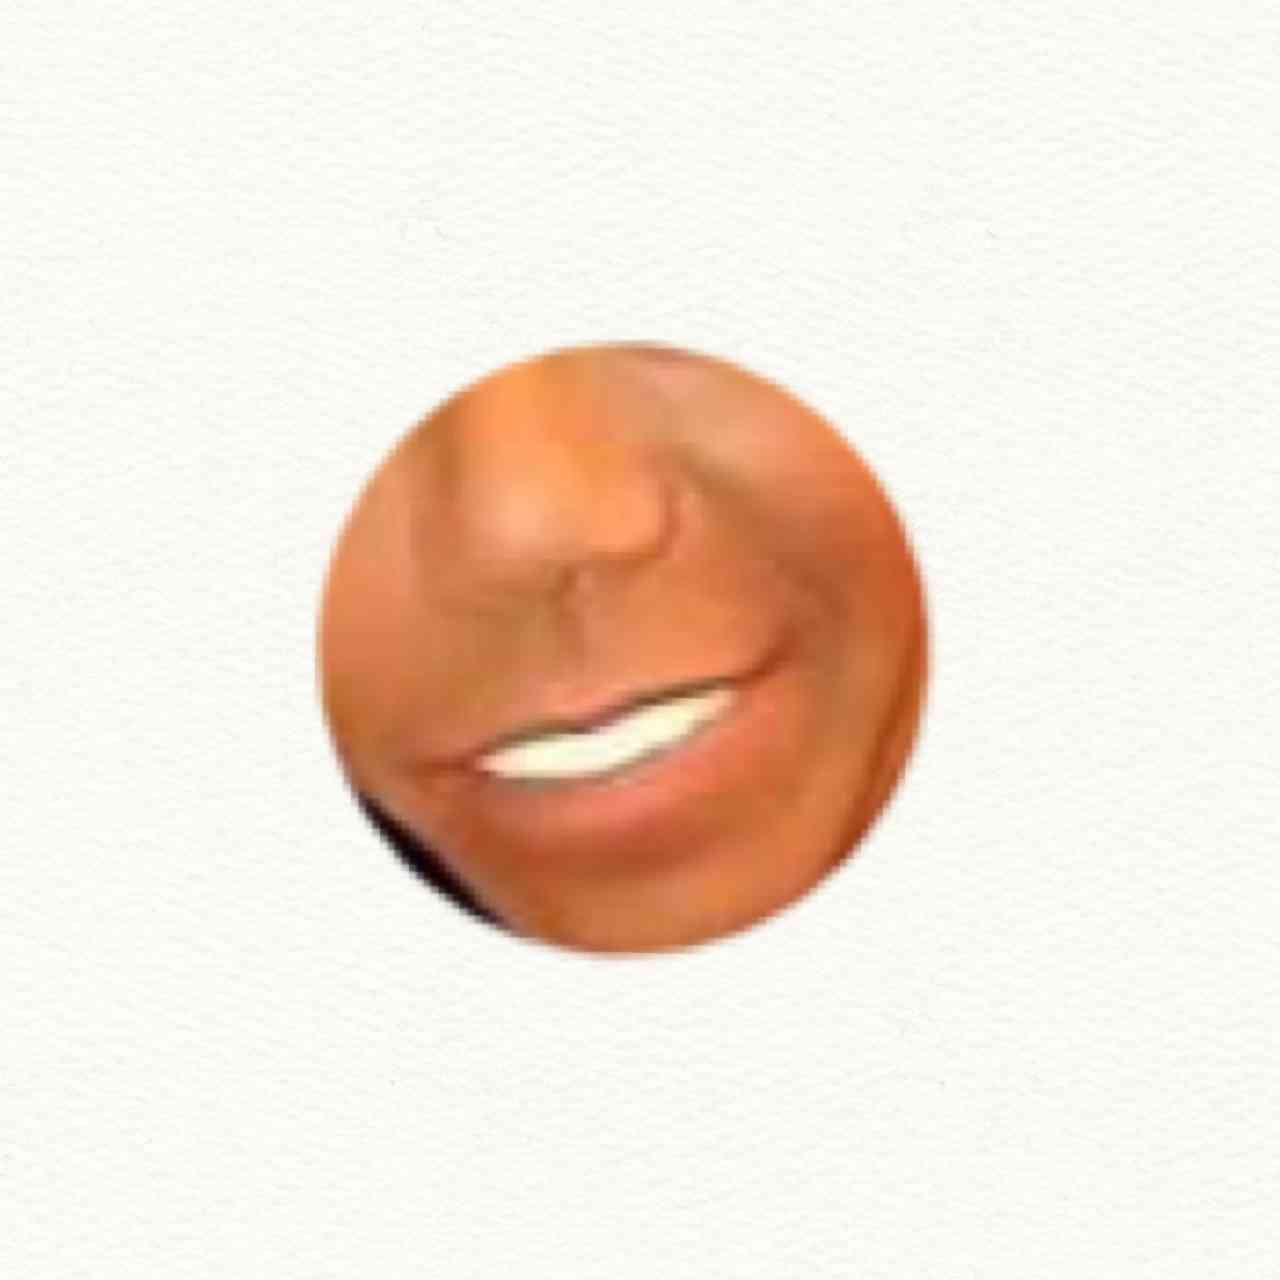 有名人の顔のパーツを貼って誰か推測するトピ